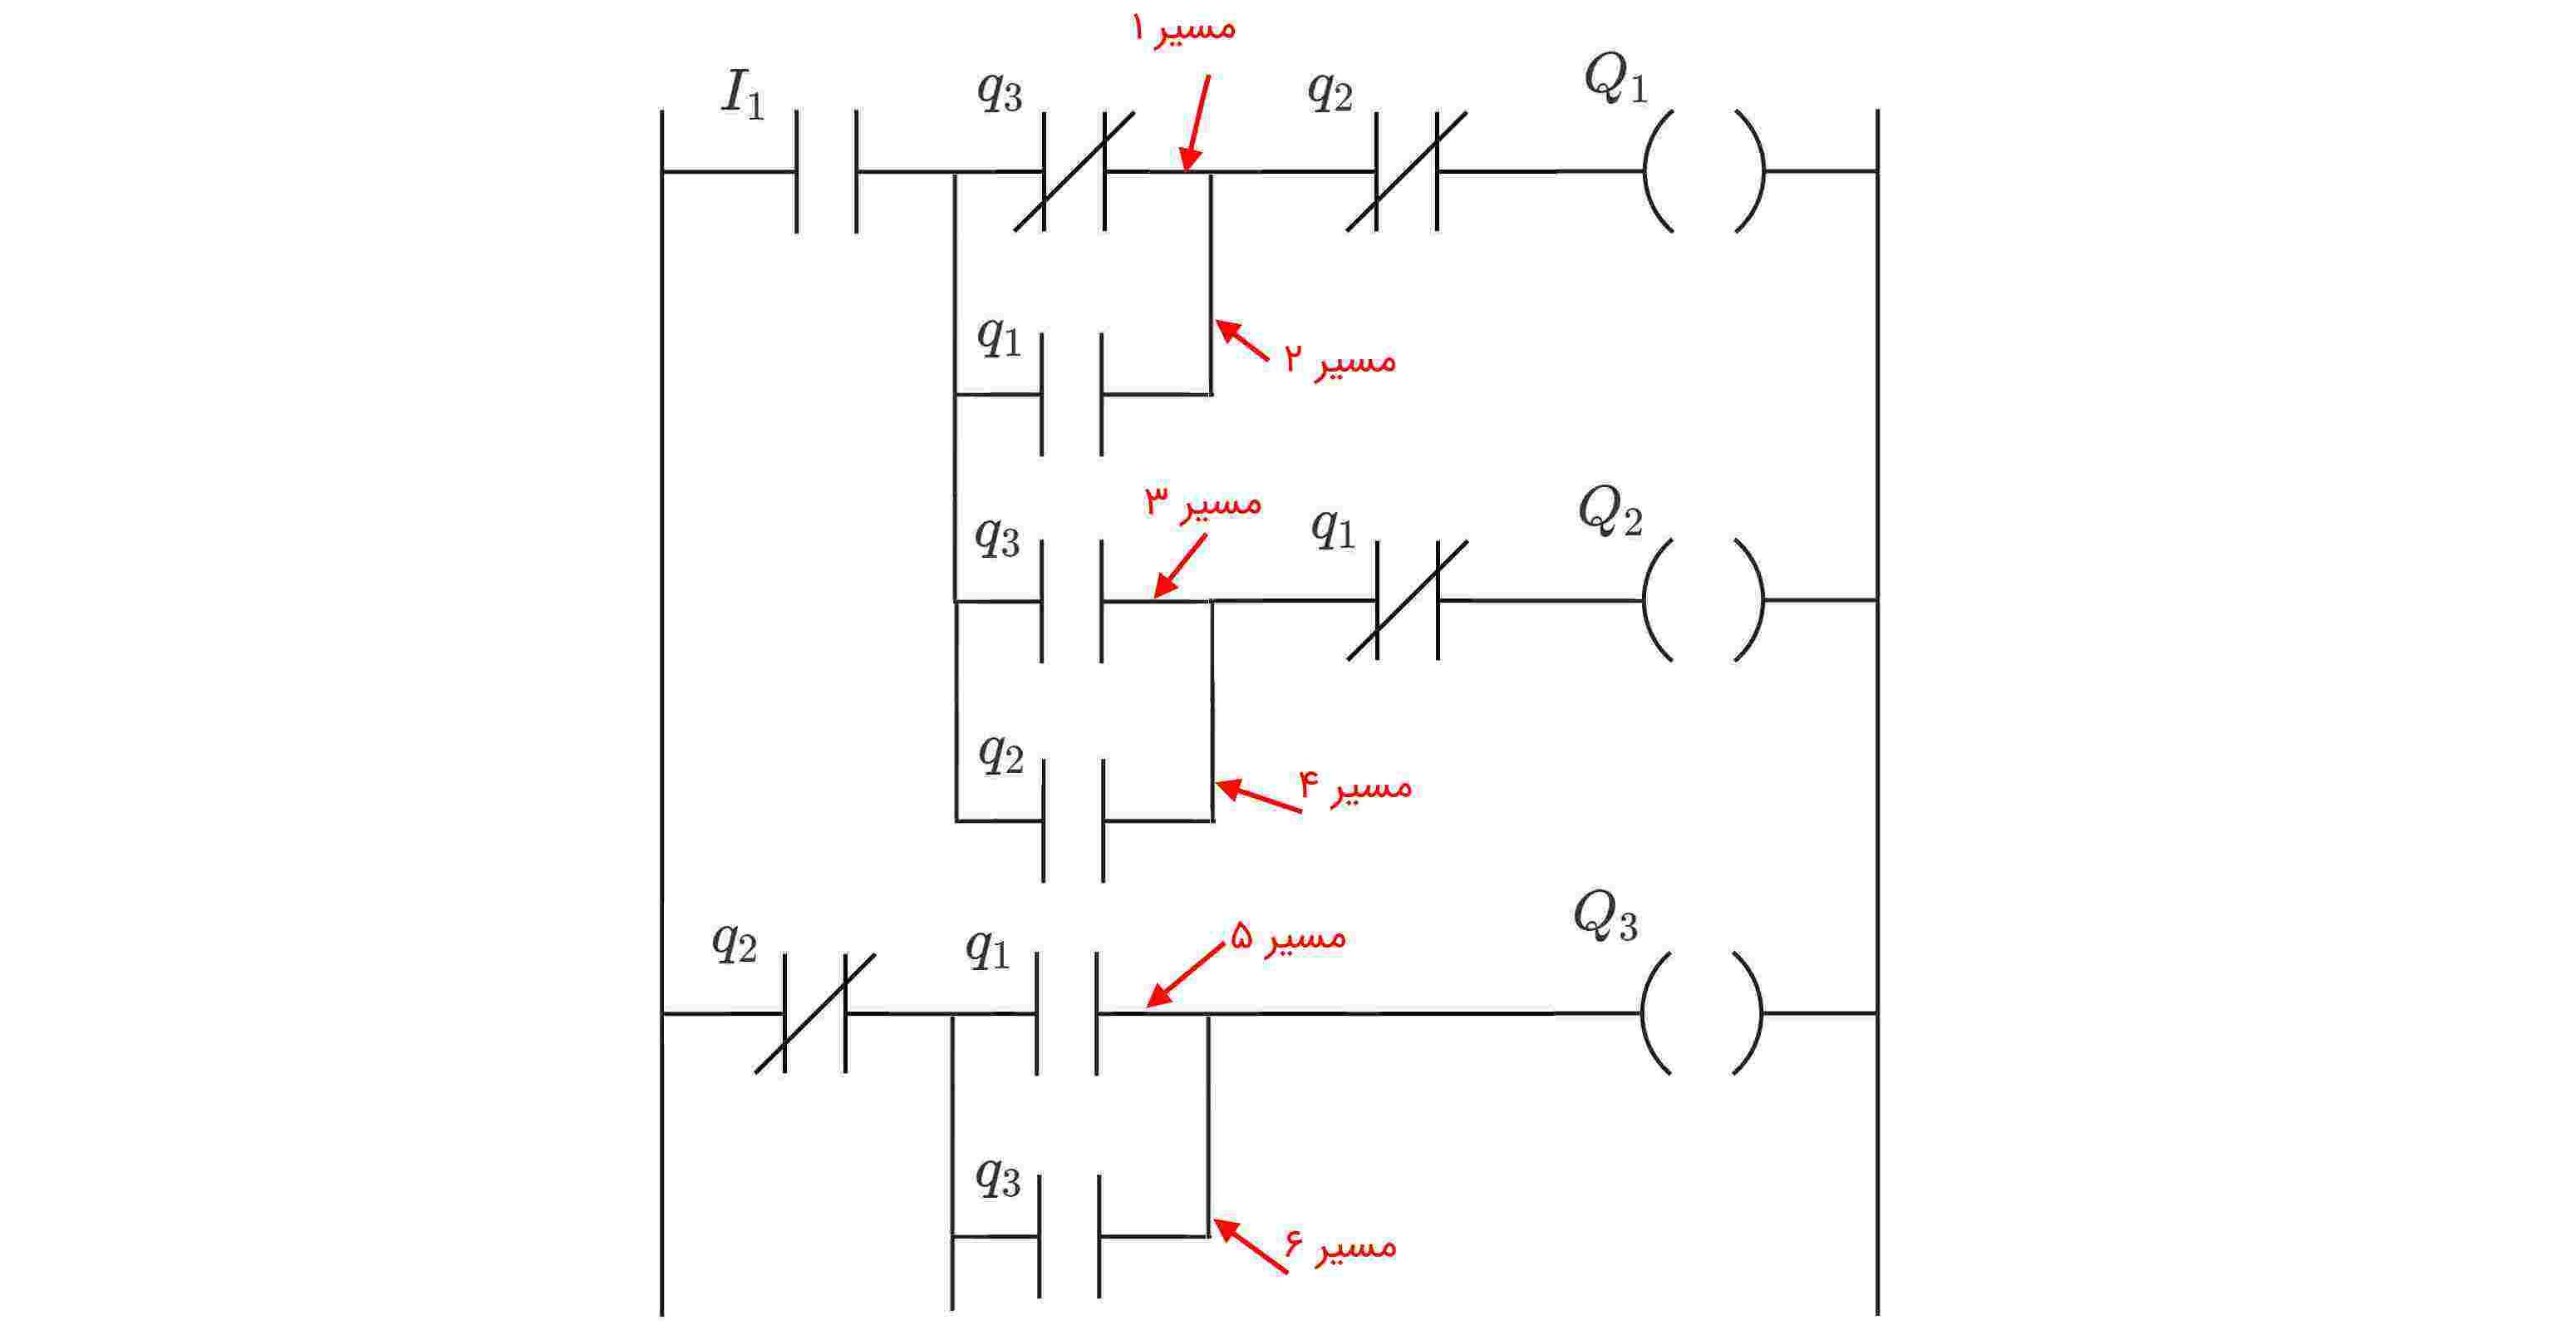 مثال برنامه نویسی PLC